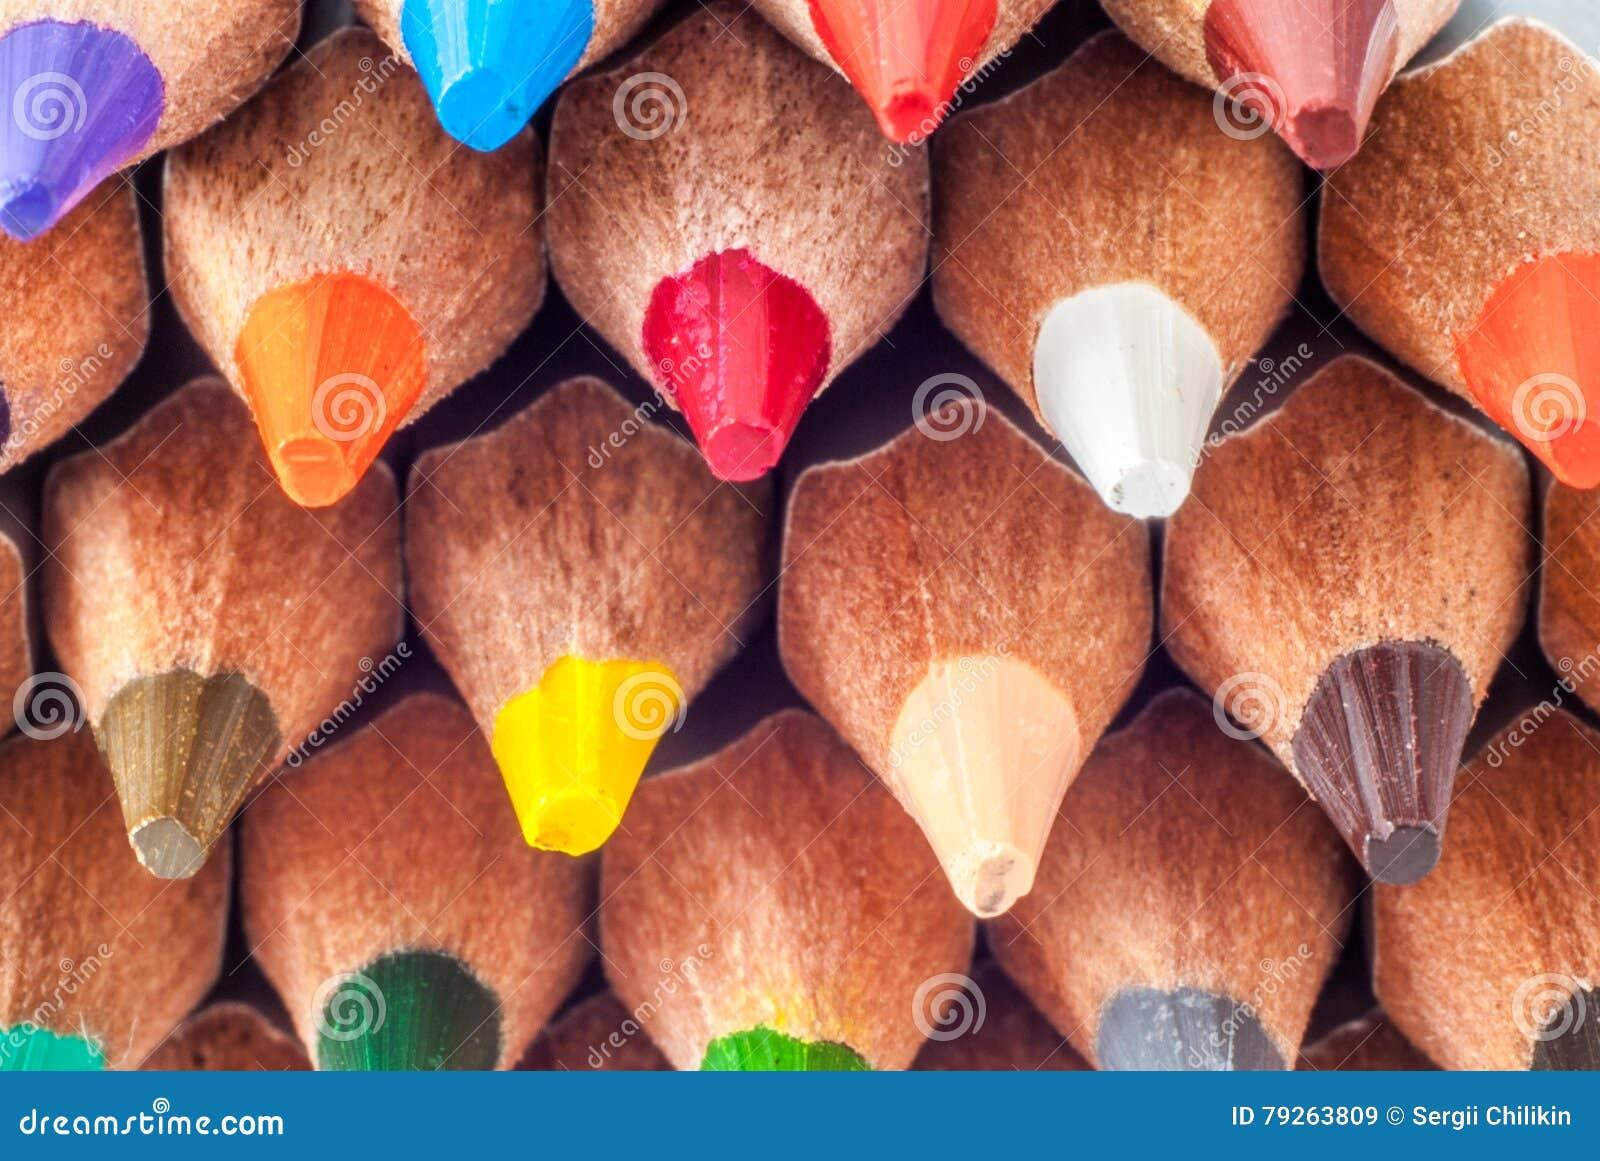 Lápis coloridos Sharpened Escrevem o close-up Apronte para pintar